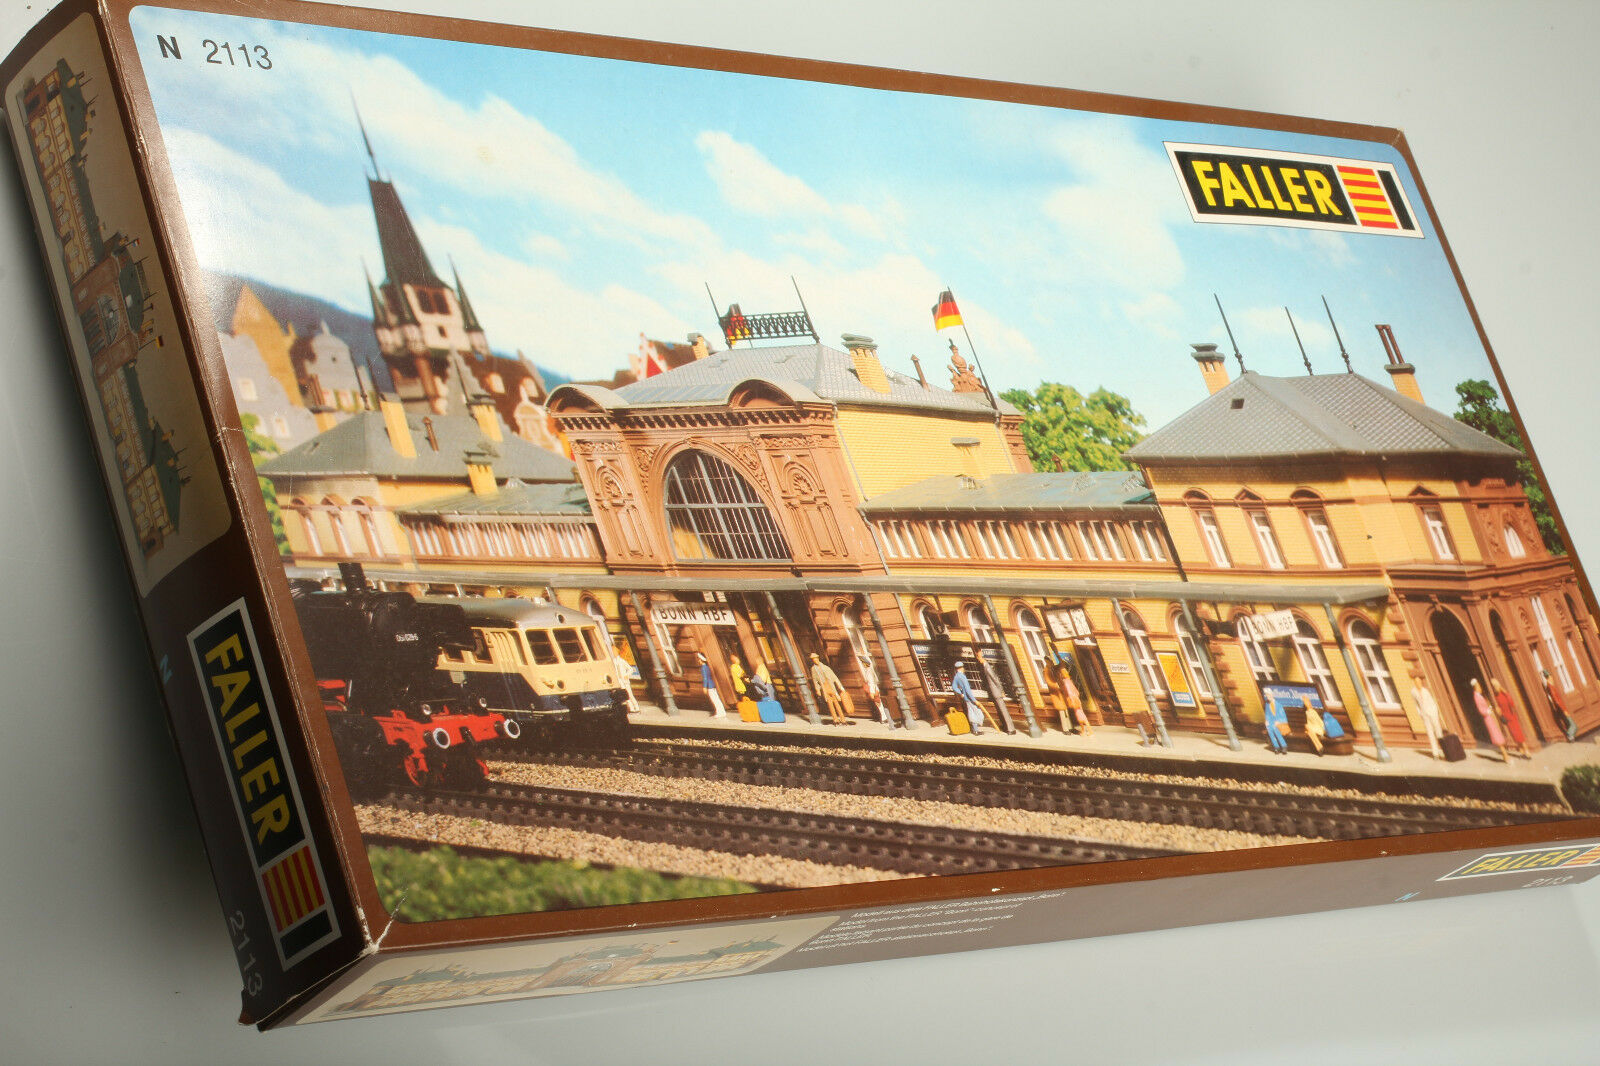 N Faller 2113 Classico Stazione Bonn